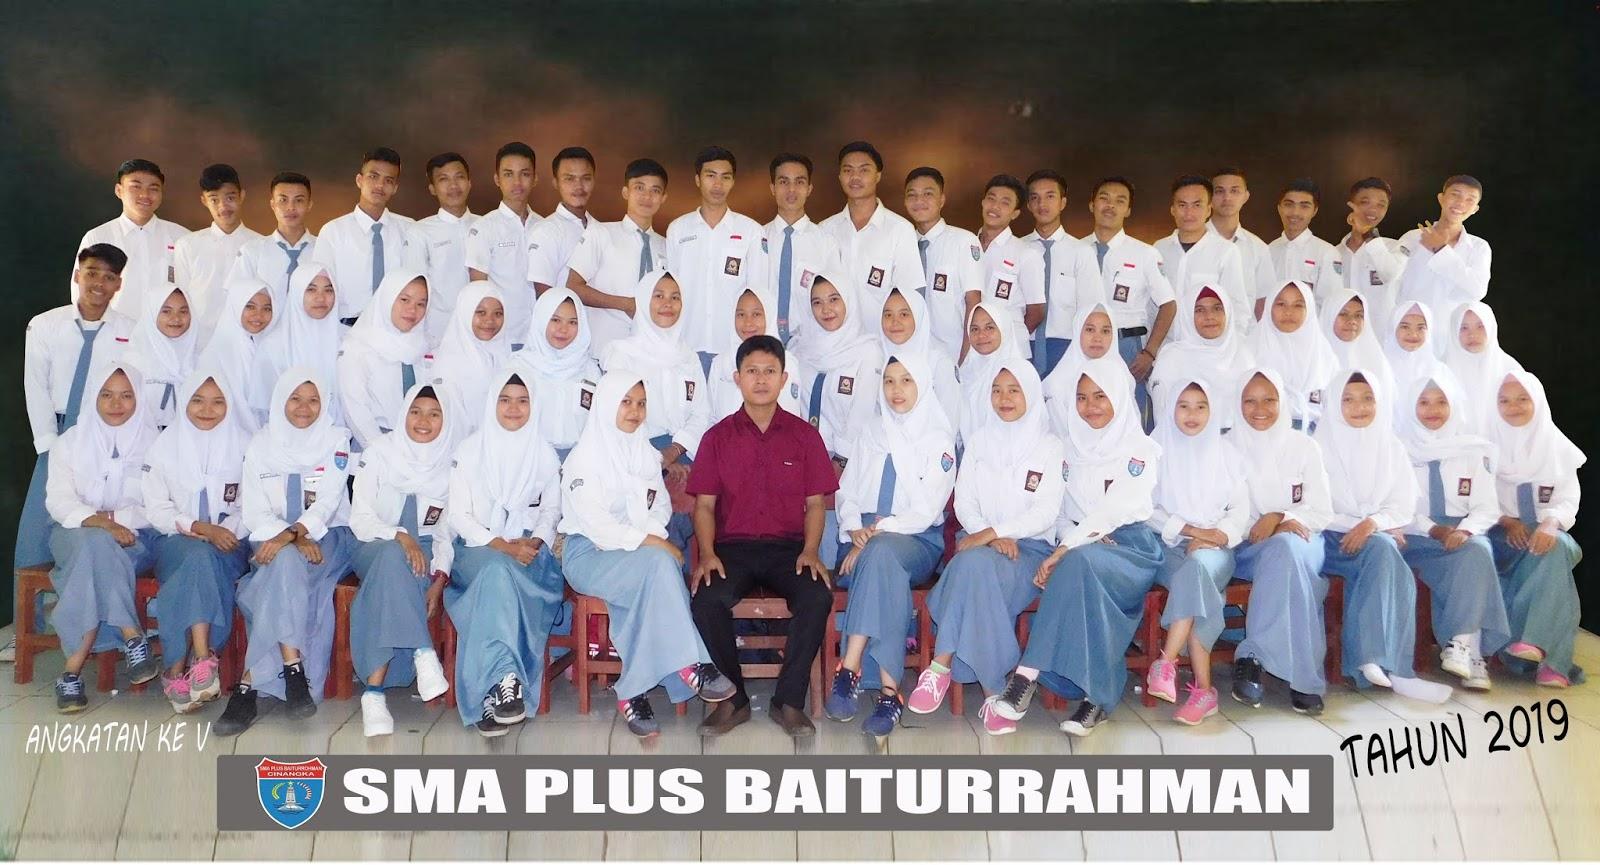 SMA PLUS BAITURRAHMAN